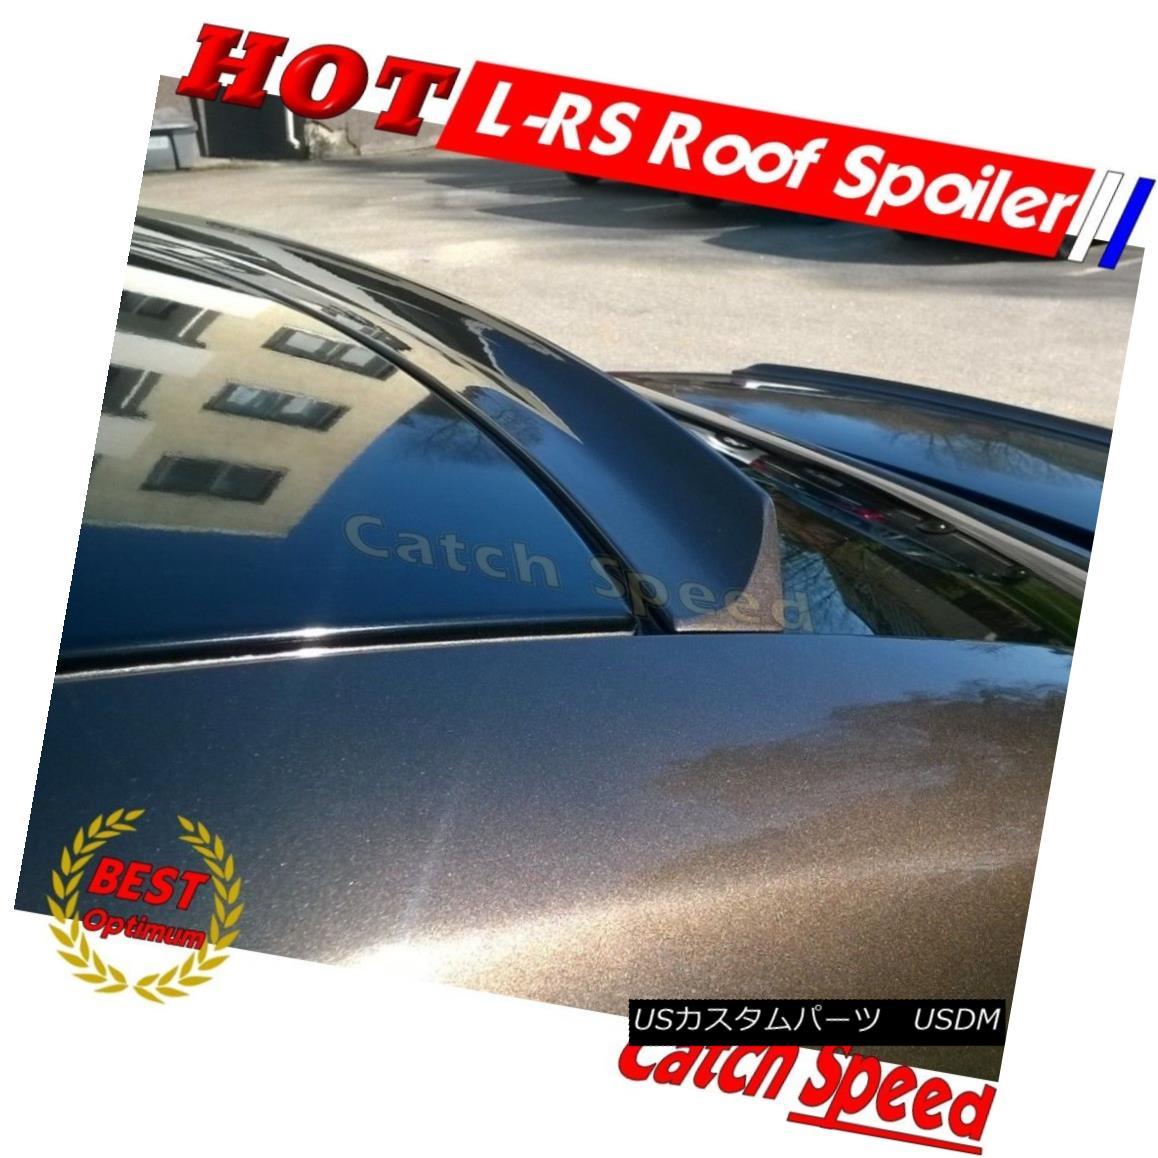 エアロパーツ Painted LRS Type Rear Roof Spoiler Wing For Lexus IS200 IS300 1998-05 Sedan? Lexus IS200 IS300用のペイントされたLRSタイプのリアルーフスポイラーウイング1998-05セダン?